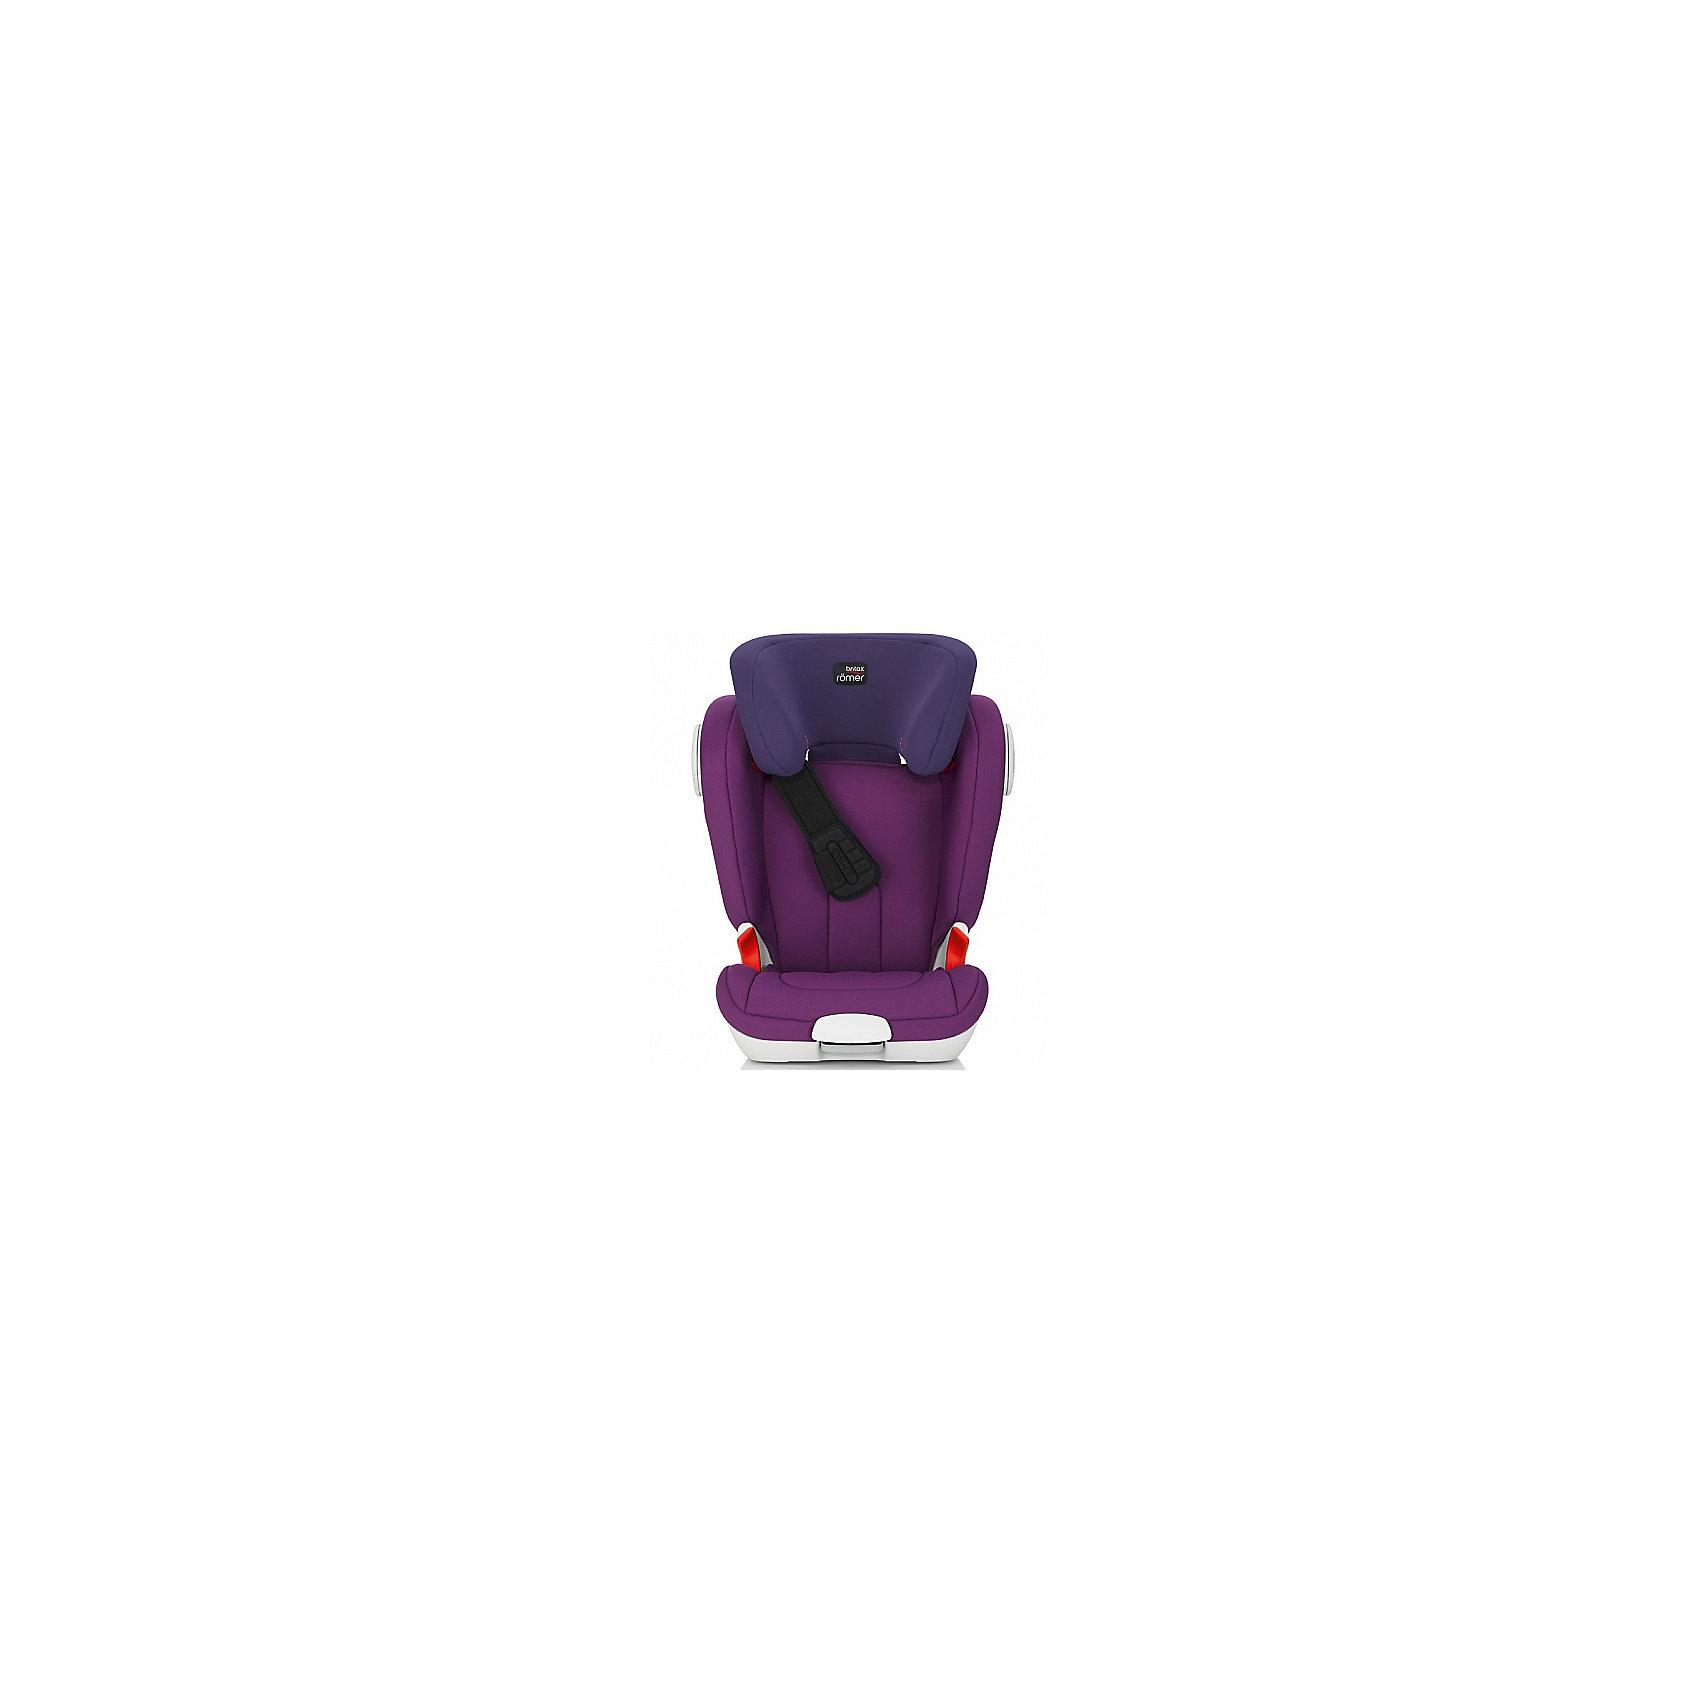 Автокресло Britax Romer KIDFIX XP-SICT 15-36 кг, Mineral PurpleГруппа 2-3 (От 15 до 36 кг)<br>Автокресло KIDFIX XP-SICT 15-36 кг., Britax R?mer (Бритакс Ромер), Mineral Purple.<br><br>Характеристики:<br><br>• для детей от 3 до 12 лет<br>• система isofix<br>• надежная боковая защита<br>• технология SICT поглощает удар во время боковых столкновений<br>• направляющие для ремня безопасности находятся в подголовнике и легко регулируются<br>• правильное расположение ремней безопасности за счет отсутствия подлокотников<br>• до 30% удара поглощается в случае лобового столкновения, благодаря технологии XP-PAD<br>• V-образная форма подголовника<br>• 11 положений высоты подголовника<br>• съемный чехол<br>• размер упаковки: 68х54х42 см<br>• вес: 7,2кг<br>• цвет: лиловый<br><br>Автокресло KIDFIX XP-SICT, Britax R?mer обеспечит ребенку комфорт и безопасность во время поездки. Кресло надежно крепится к автомобилю с помощью системы isofix, обеспечивающей оптимальное распределение нагрузки при столкновении. Встроенные индикаторы оповестят вас о верной установке. Система SICT поглотит энергию при ударе. XP-PAD поглощает до 30% удара в случае лобового столкновения. Боковая защита подходит для любого возраста. Удобный подголовник с 11-ю положениями высоты позволяет удобно расположиться в кресле и поспать. С этим автокреслом путешествия пройдут с комфортом и в безопасности!<br><br>Автокресло KIDFIX XP-SICT 15-36 кг., Britax R?mer (Бритакс Ромер), Mineral Purple можно купить в нашем интернет-магазине.<br><br>Ширина мм: 480<br>Глубина мм: 390<br>Высота мм: 670<br>Вес г: 7200<br>Возраст от месяцев: 48<br>Возраст до месяцев: 144<br>Пол: Унисекс<br>Возраст: Детский<br>SKU: 5089850